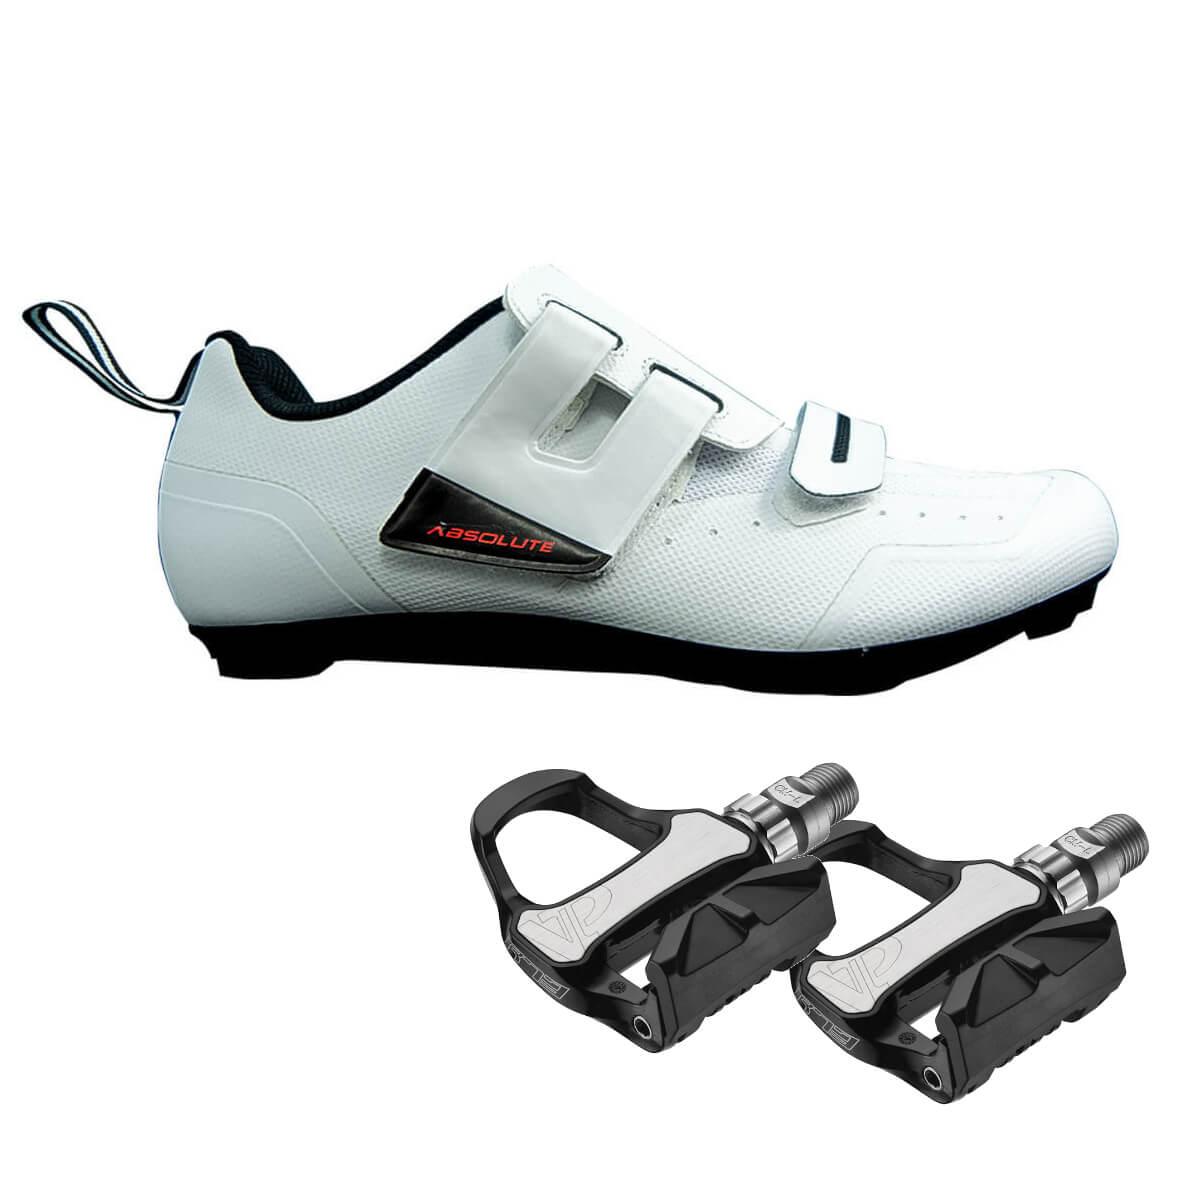 Sapatilha Triathlon Speed Absolute Triton 46 BR + Pedal R73H